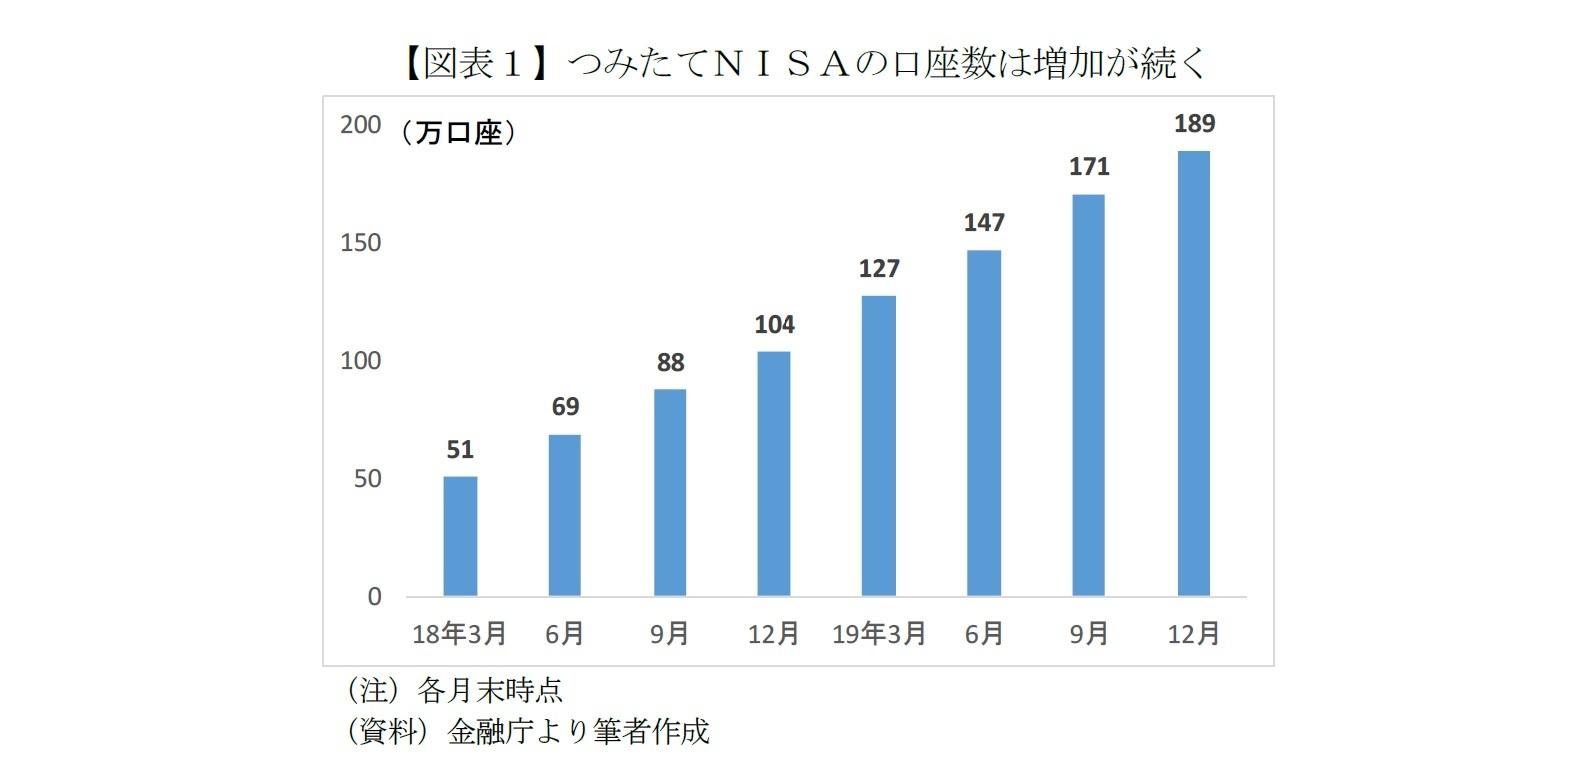 【図表1】つみたてNISAの口座数は増加が続く